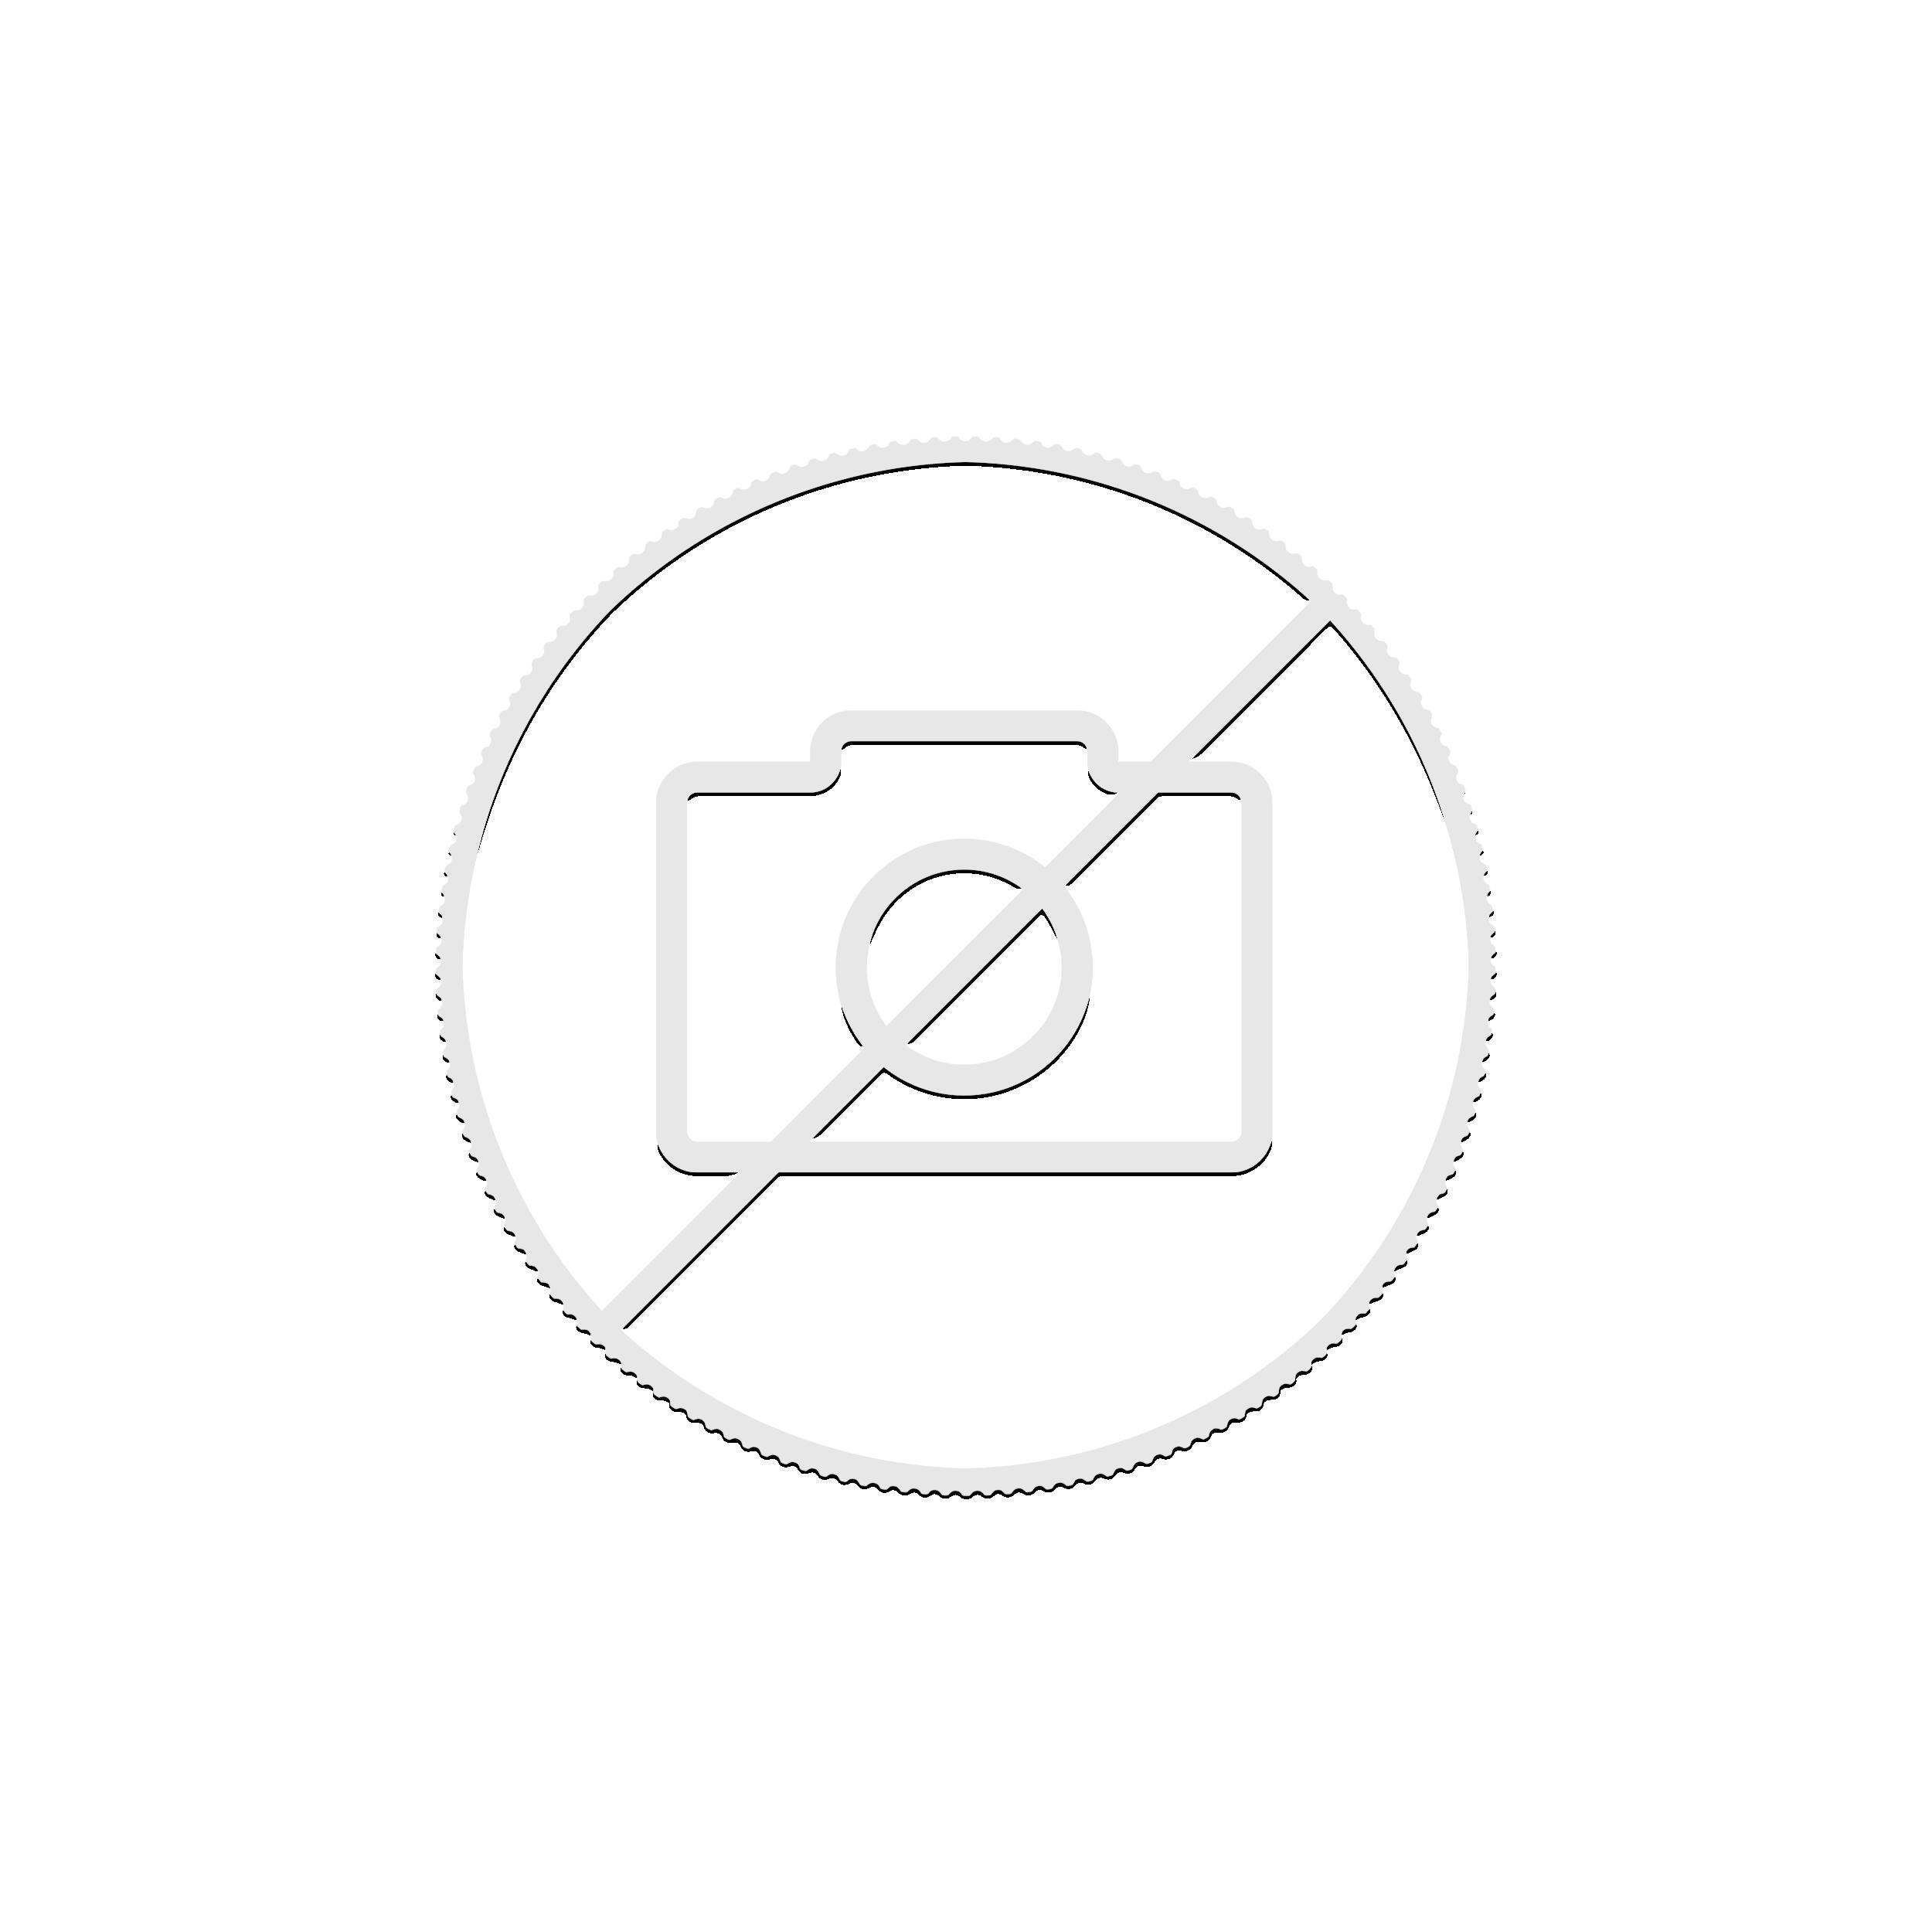 30 Grams silver coin Panda 2019